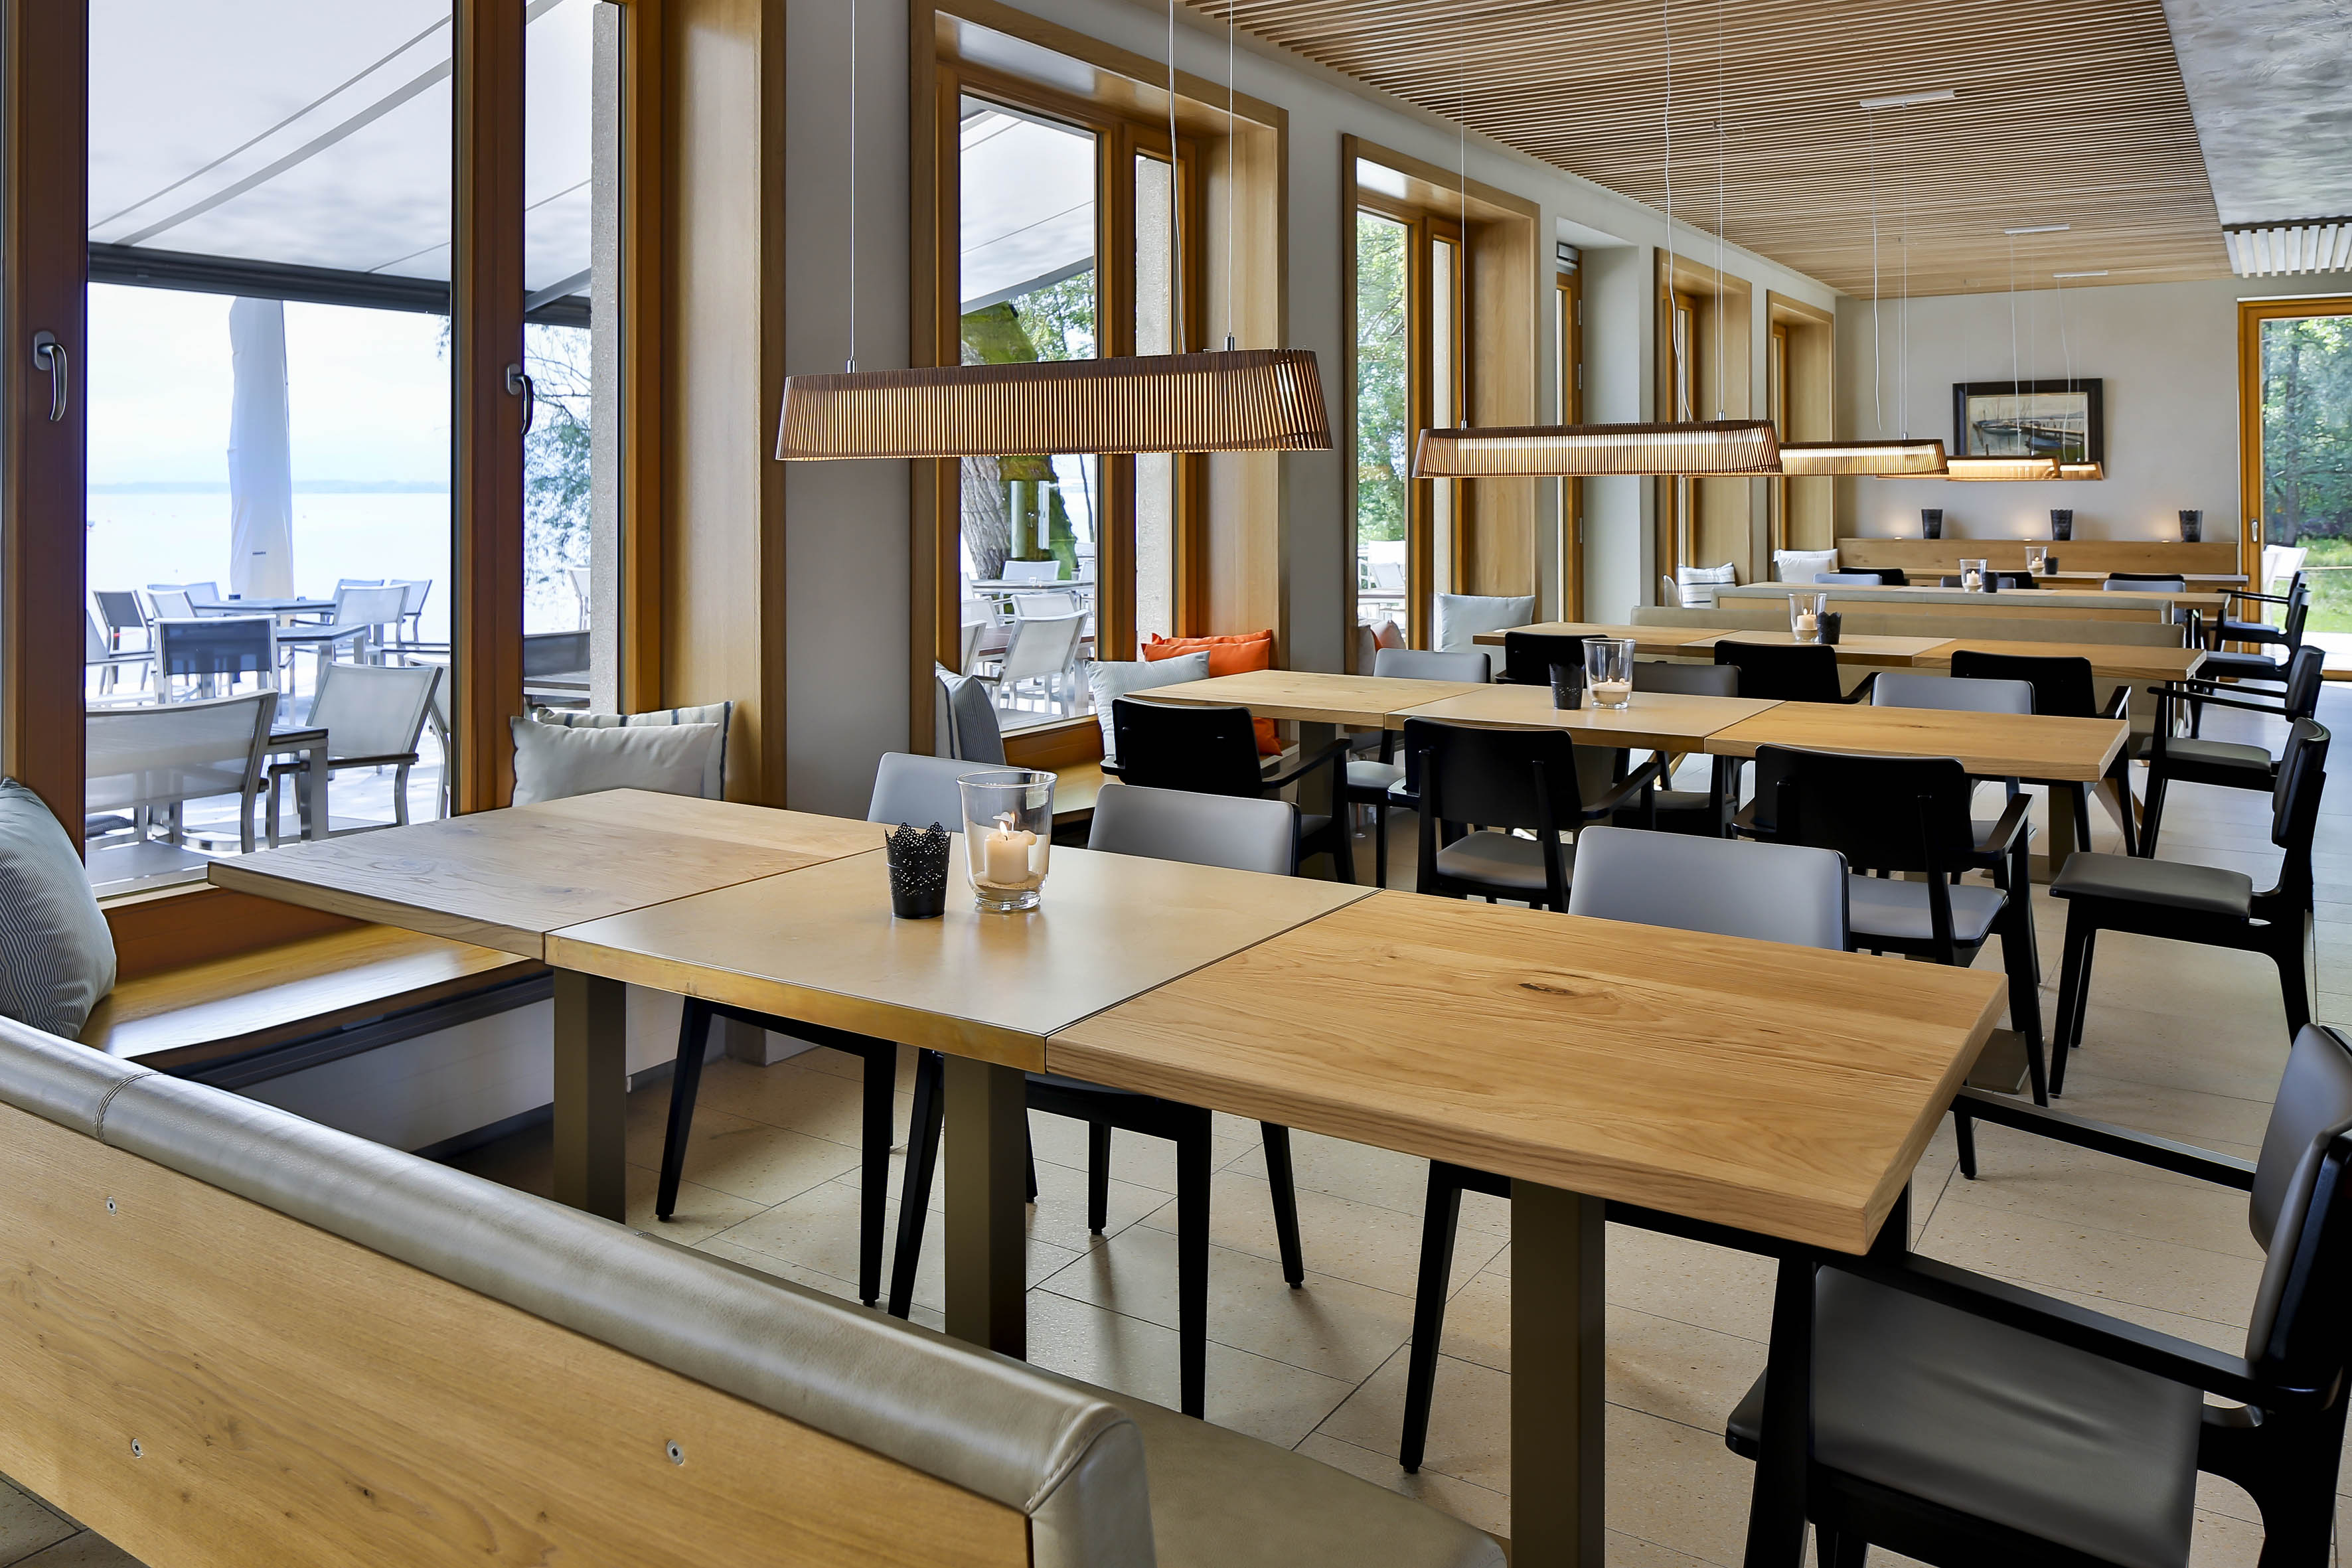 Yachtclub chiemsee muenchenarchitektur for Kitzig interior design gmbh